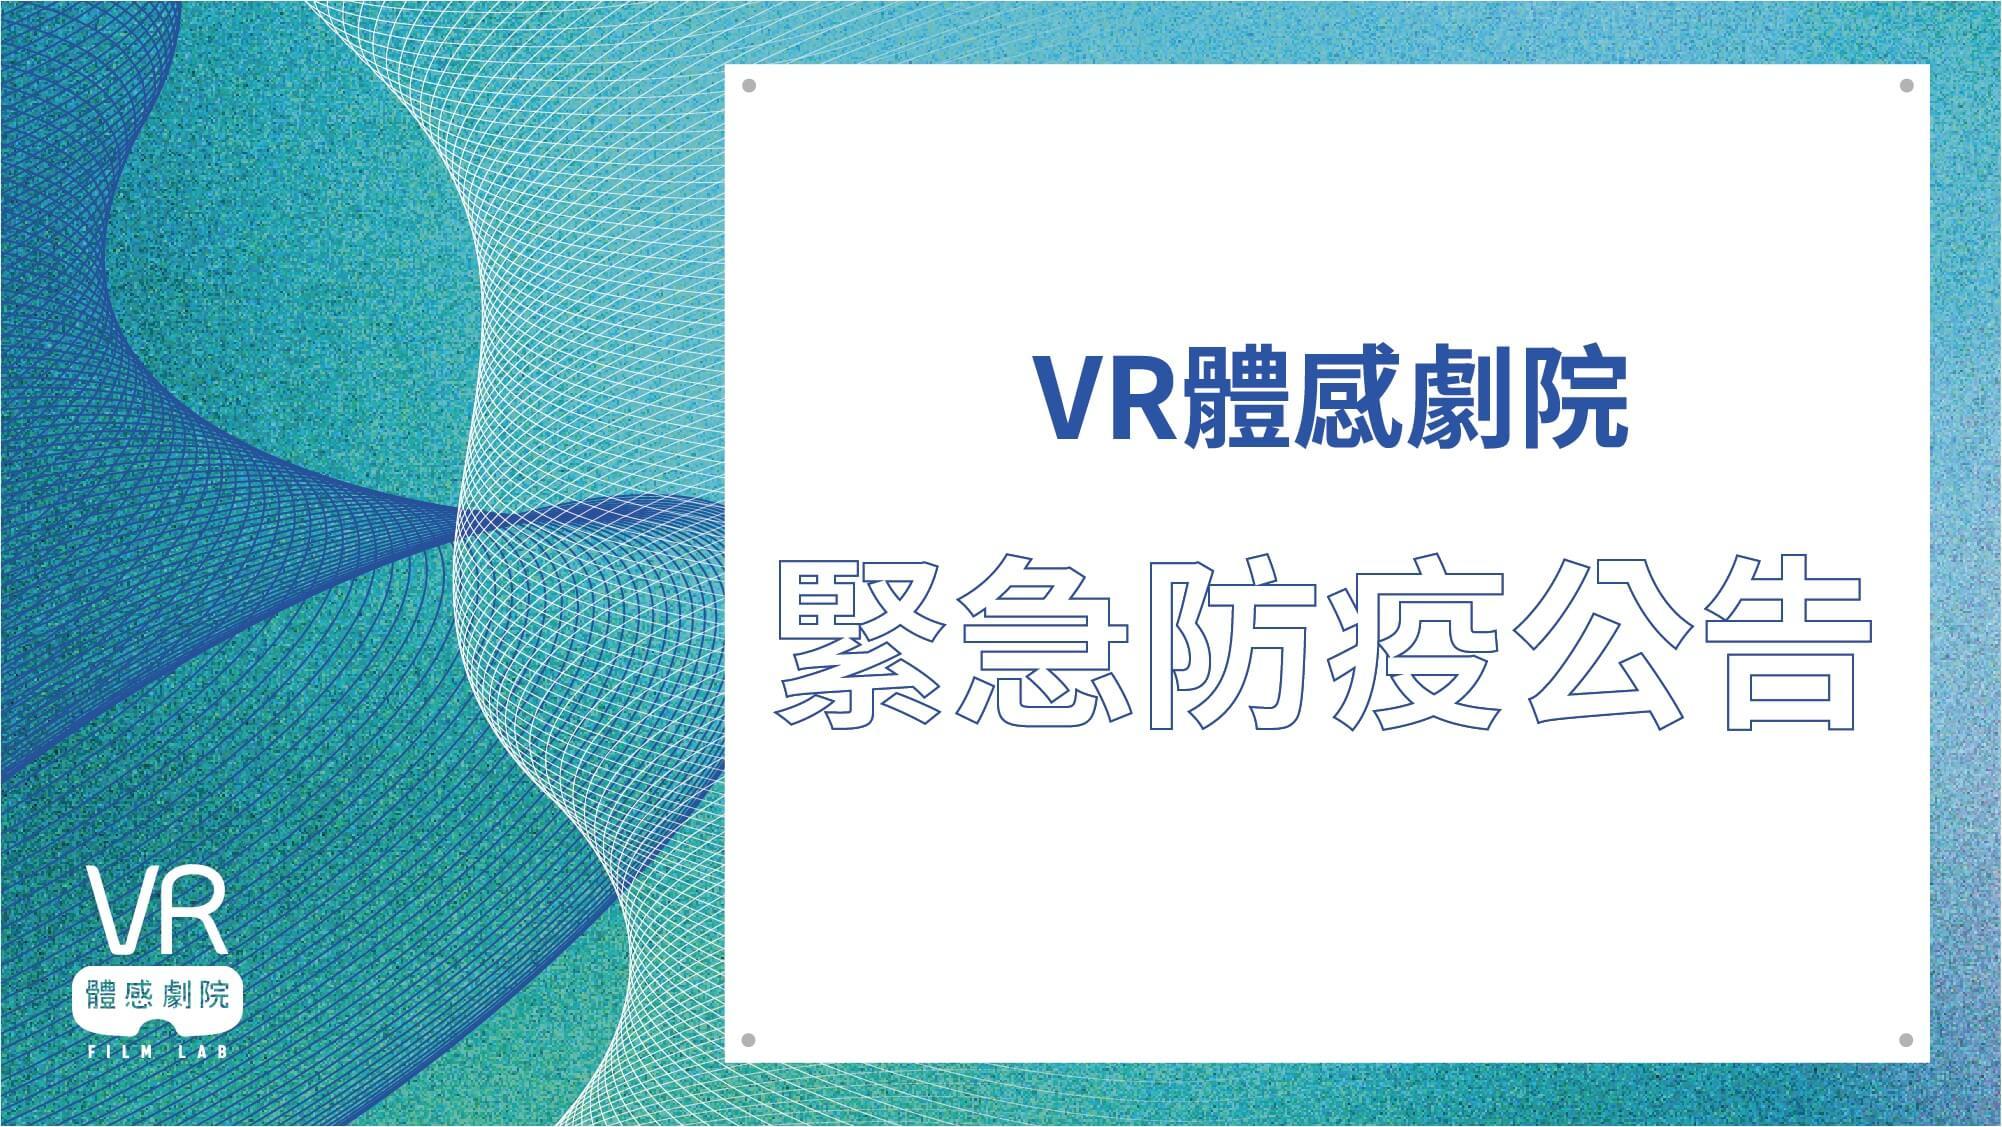 VR體感劇院「新型冠狀病毒肺炎COVID-19」防疫執行公告(2020.8.6更新)